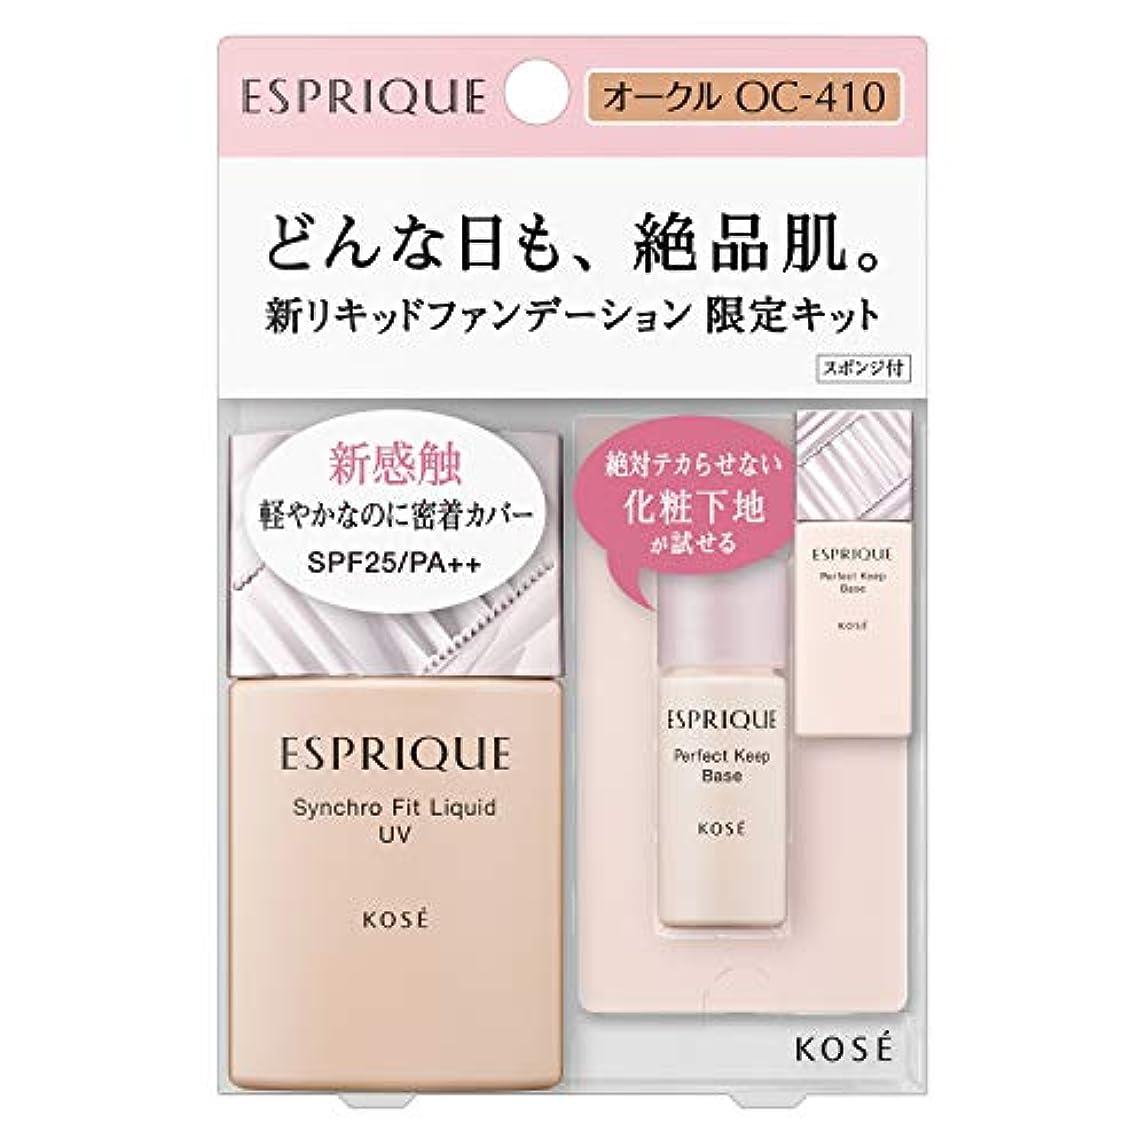 散髪いくつかの心配するESPRIQUE(エスプリーク) エスプリーク シンクロフィット リキッド UV 限定キット ファンデーション 無香料 OC-410 オークル セット 1セット